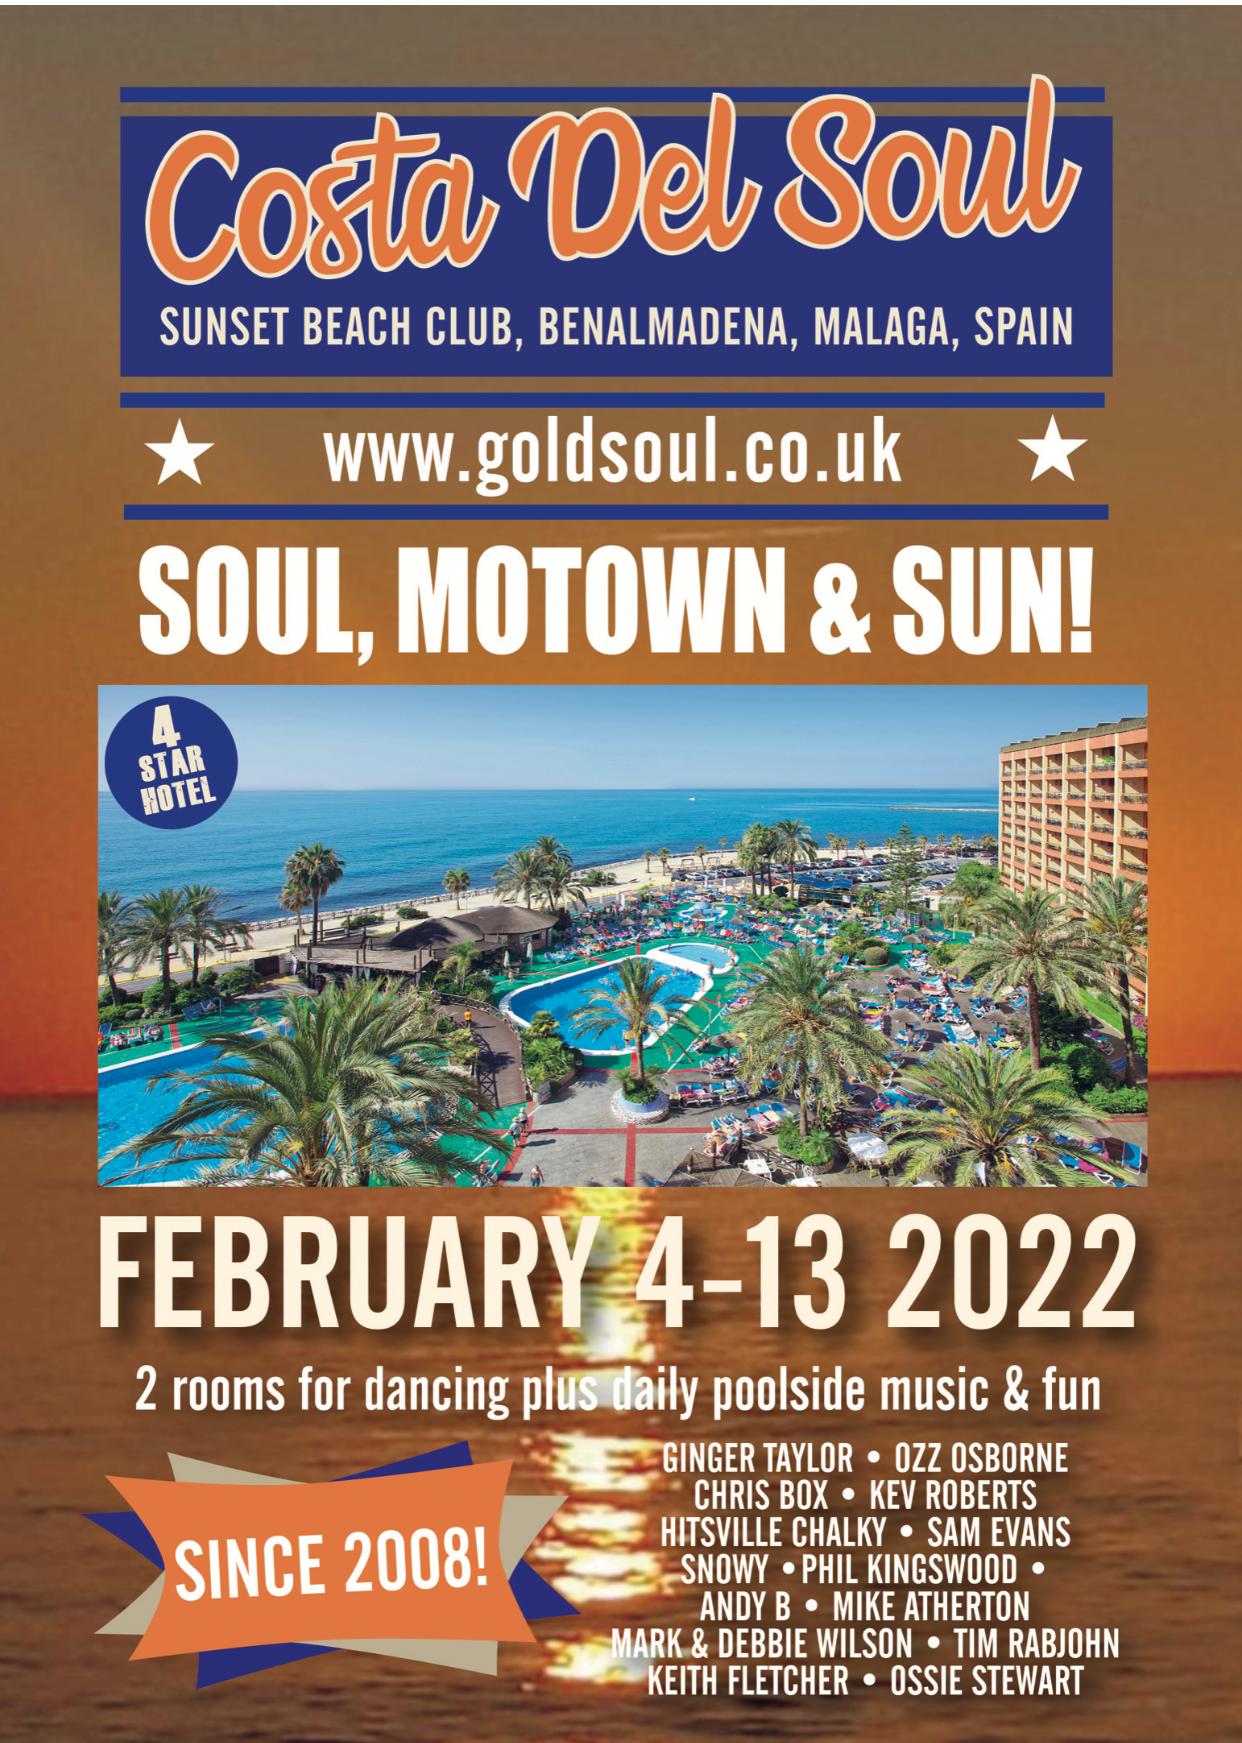 Costa Del Soul Benalmadena Since 2008 flyer